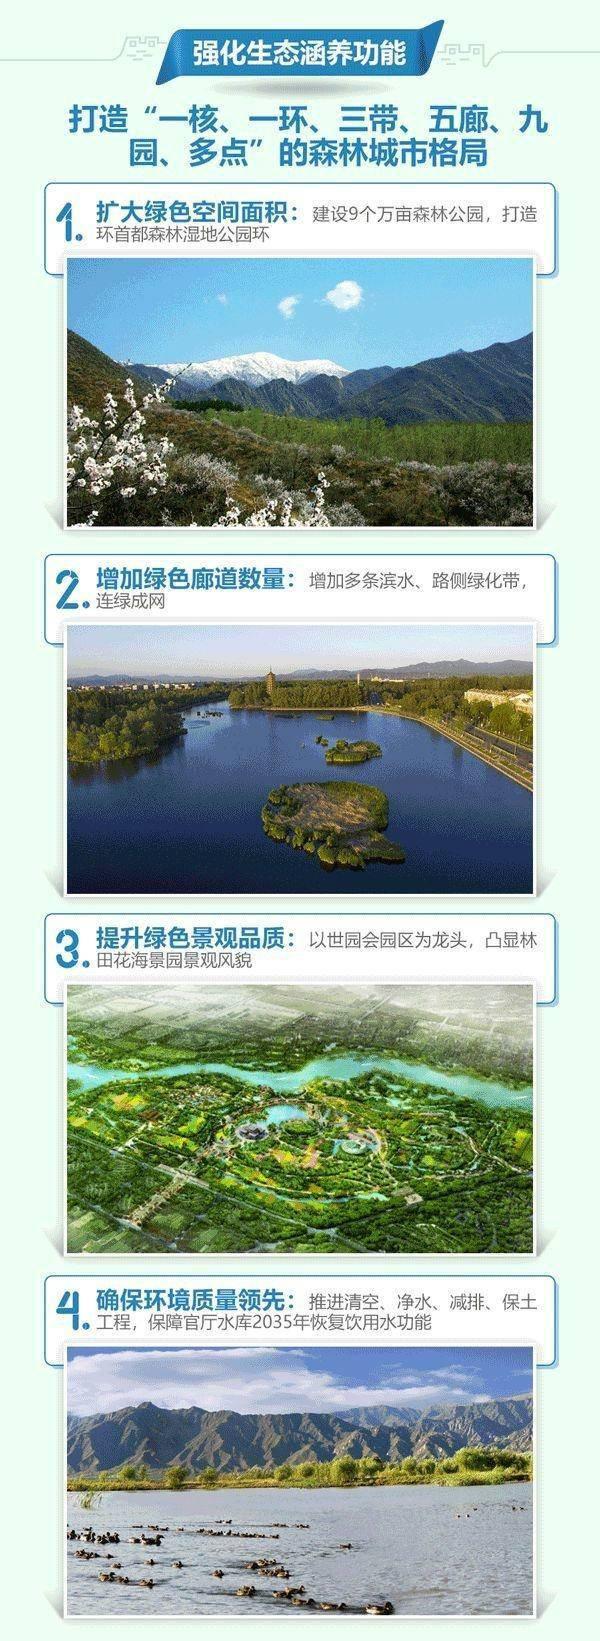 北京14个分区规划全公示,核心区控规将编制,全集收藏